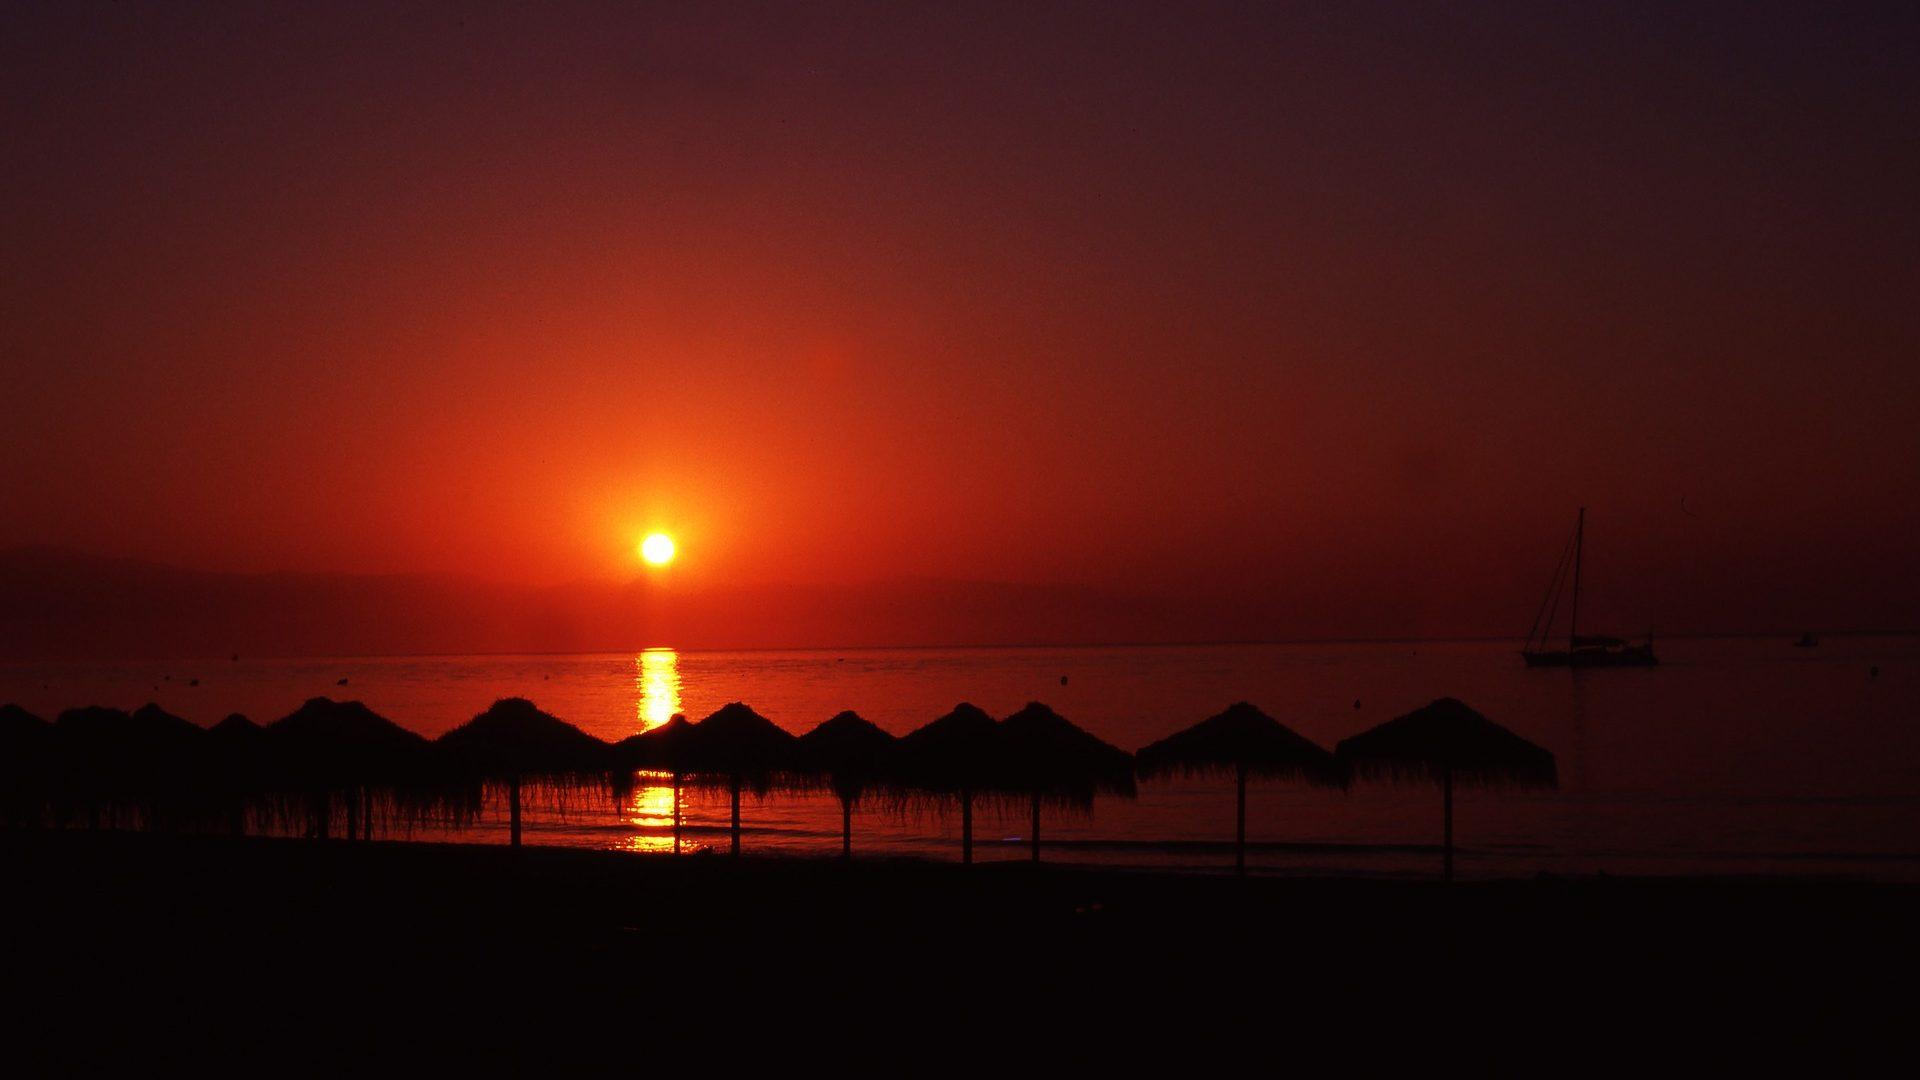 malaga-pludmale